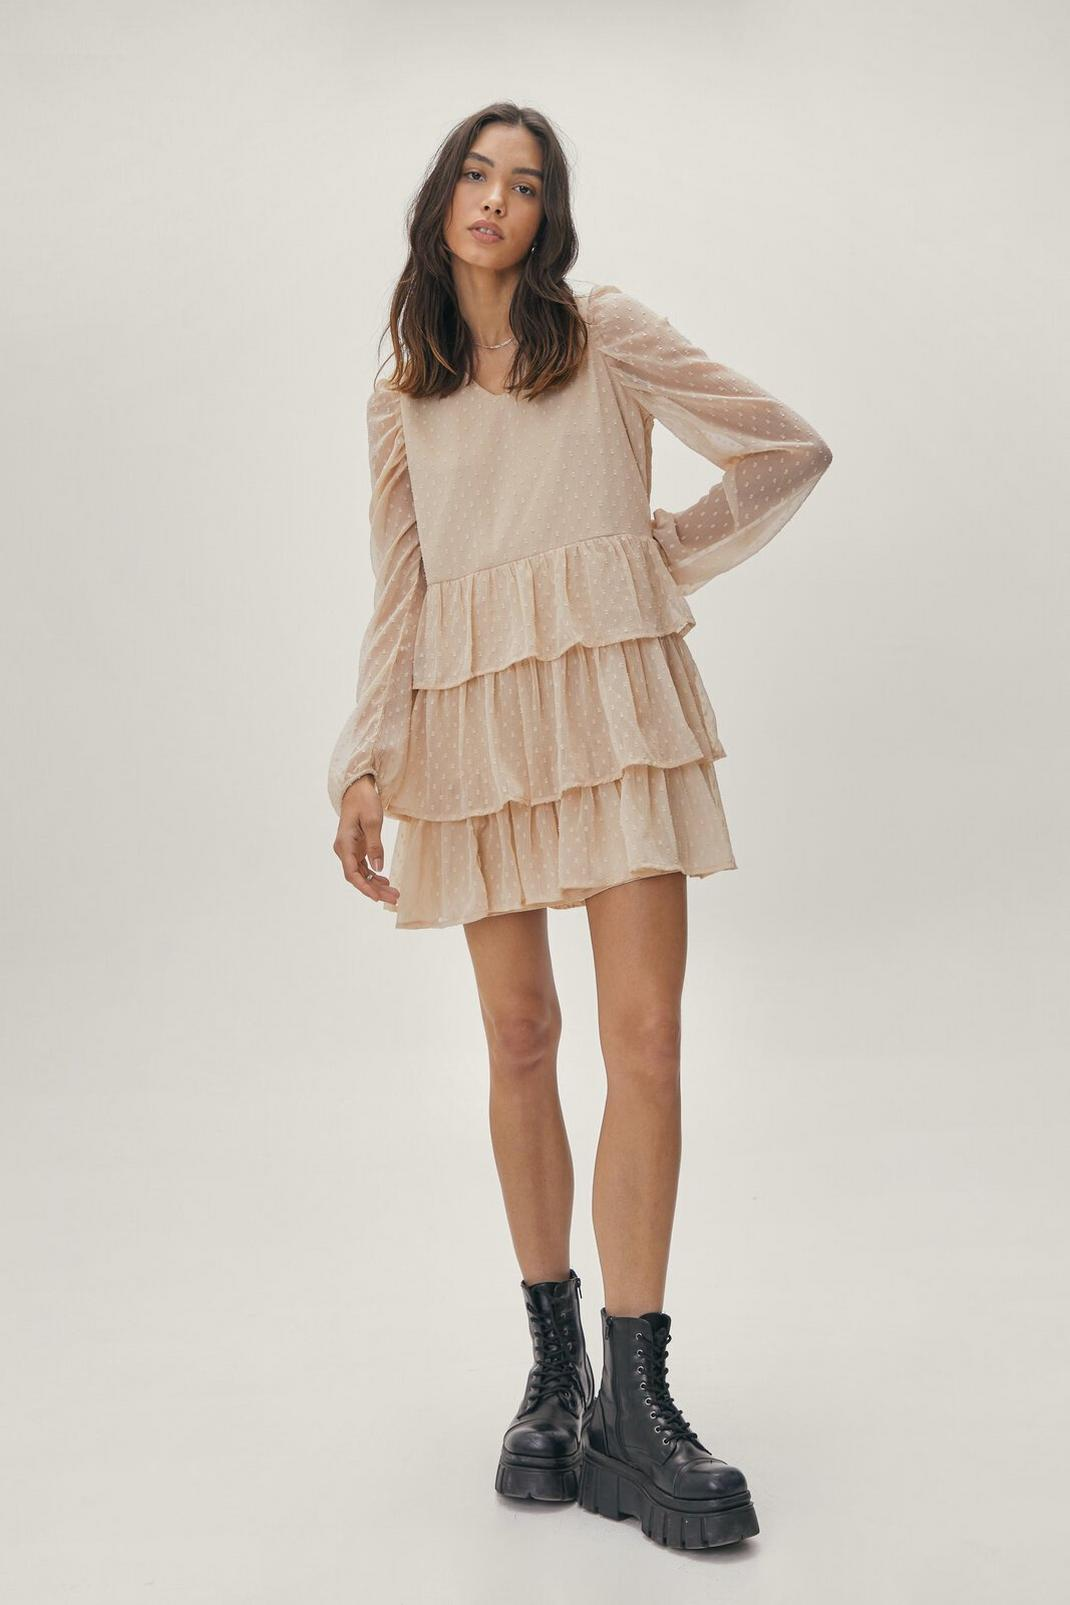 Tiered Puff Sleeve Mini Dress